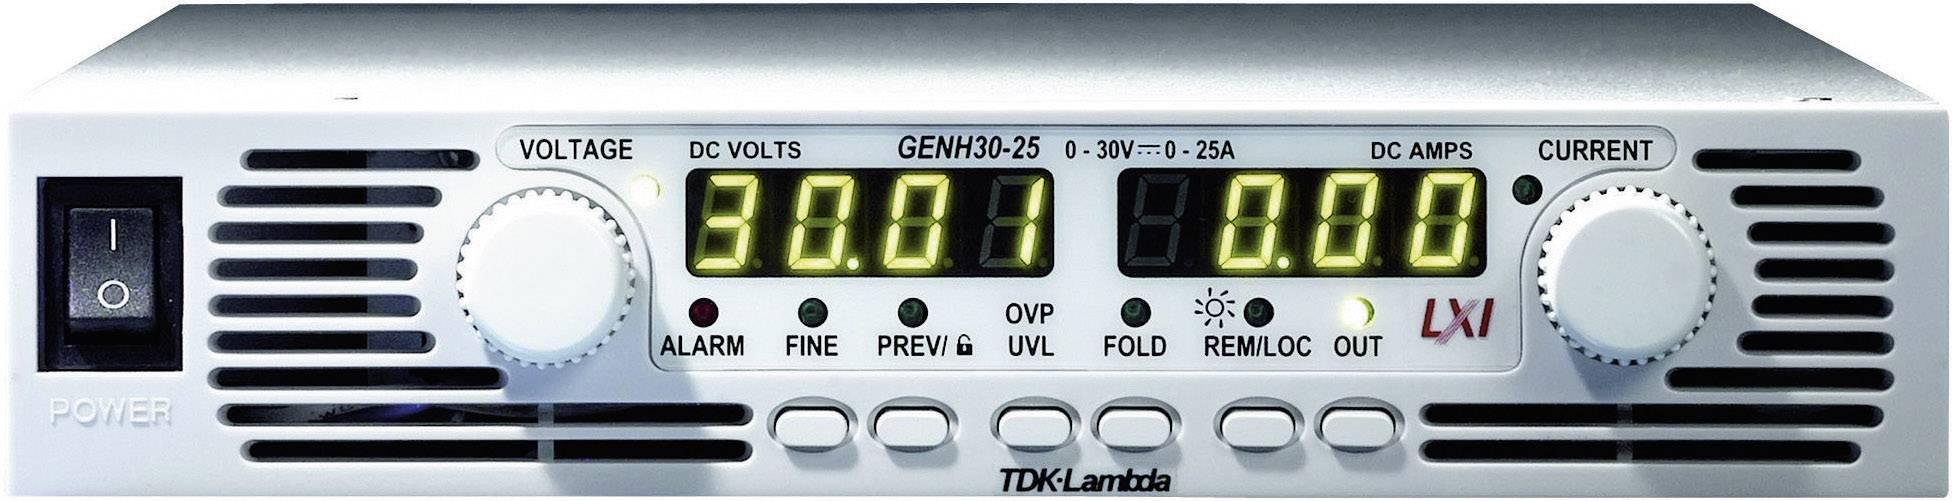 """Laboratorní zdroj 19"""", nastavitelný TDK-Lambda GENH-60-12.5 1 x 0 - 60 V/DC 0 - 12.5 A 750 W lze programovat"""